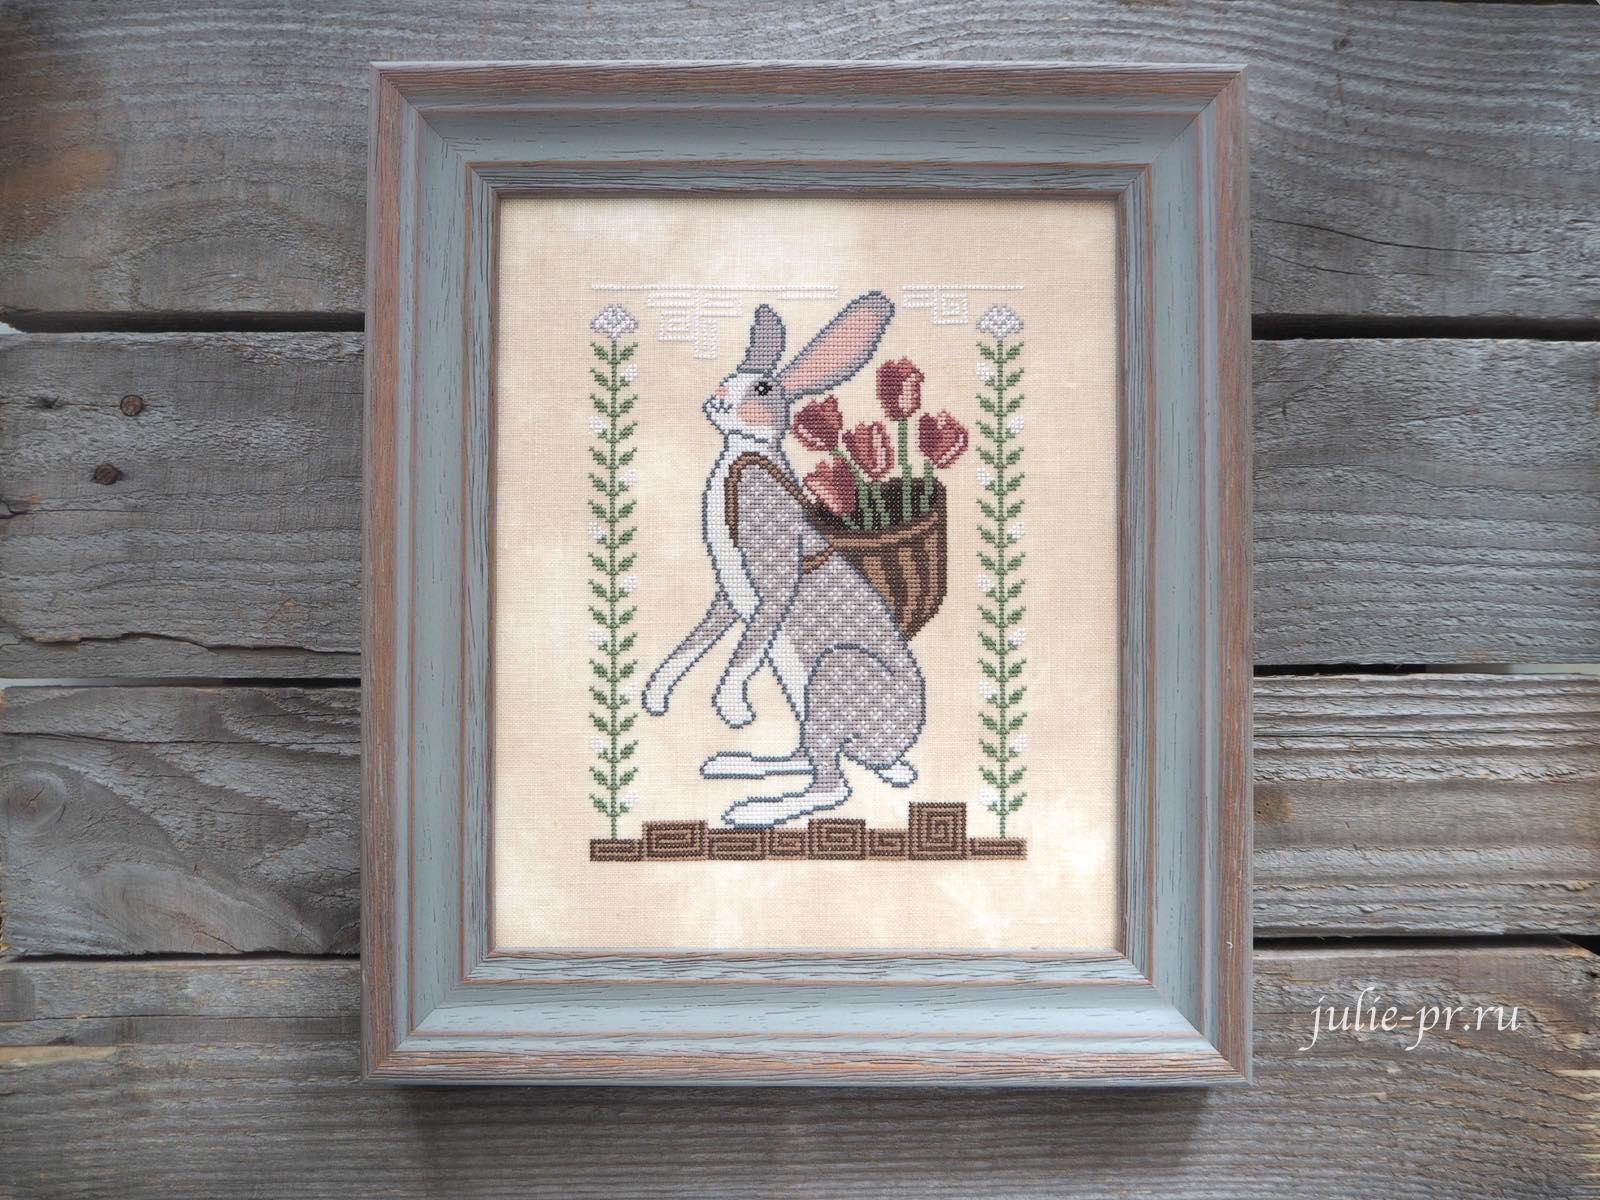 вышивка крестом, примитив, Cottage Garden Samplings, Basketful of Love, A time for all seasons 4, заяц с корзиной тюльпанов, тюльпаны, корзина любви, как оформить